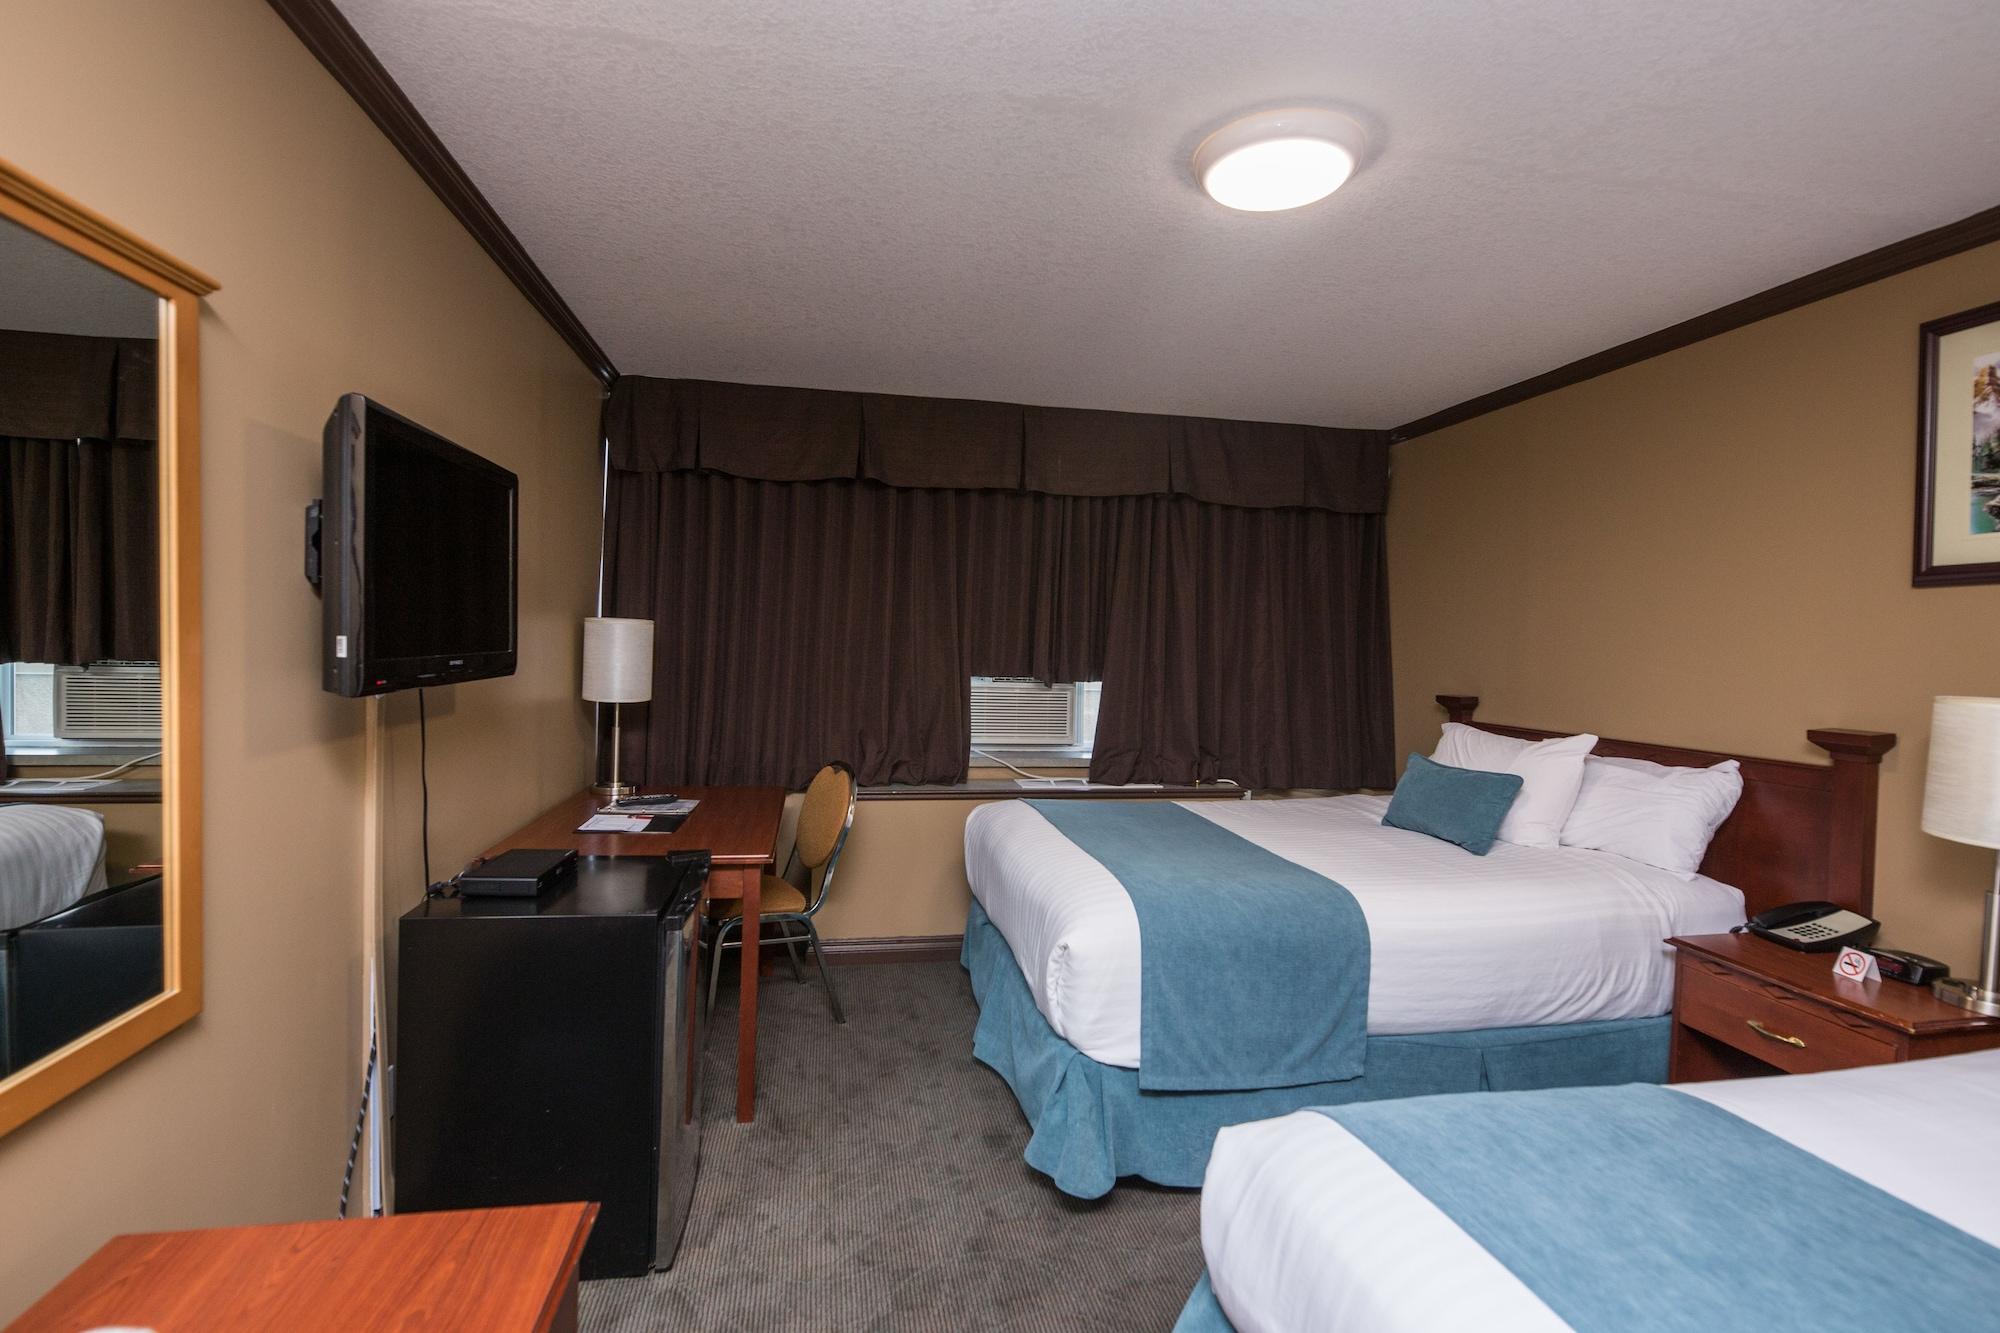 Sands Inn & Suites, Division No. 11